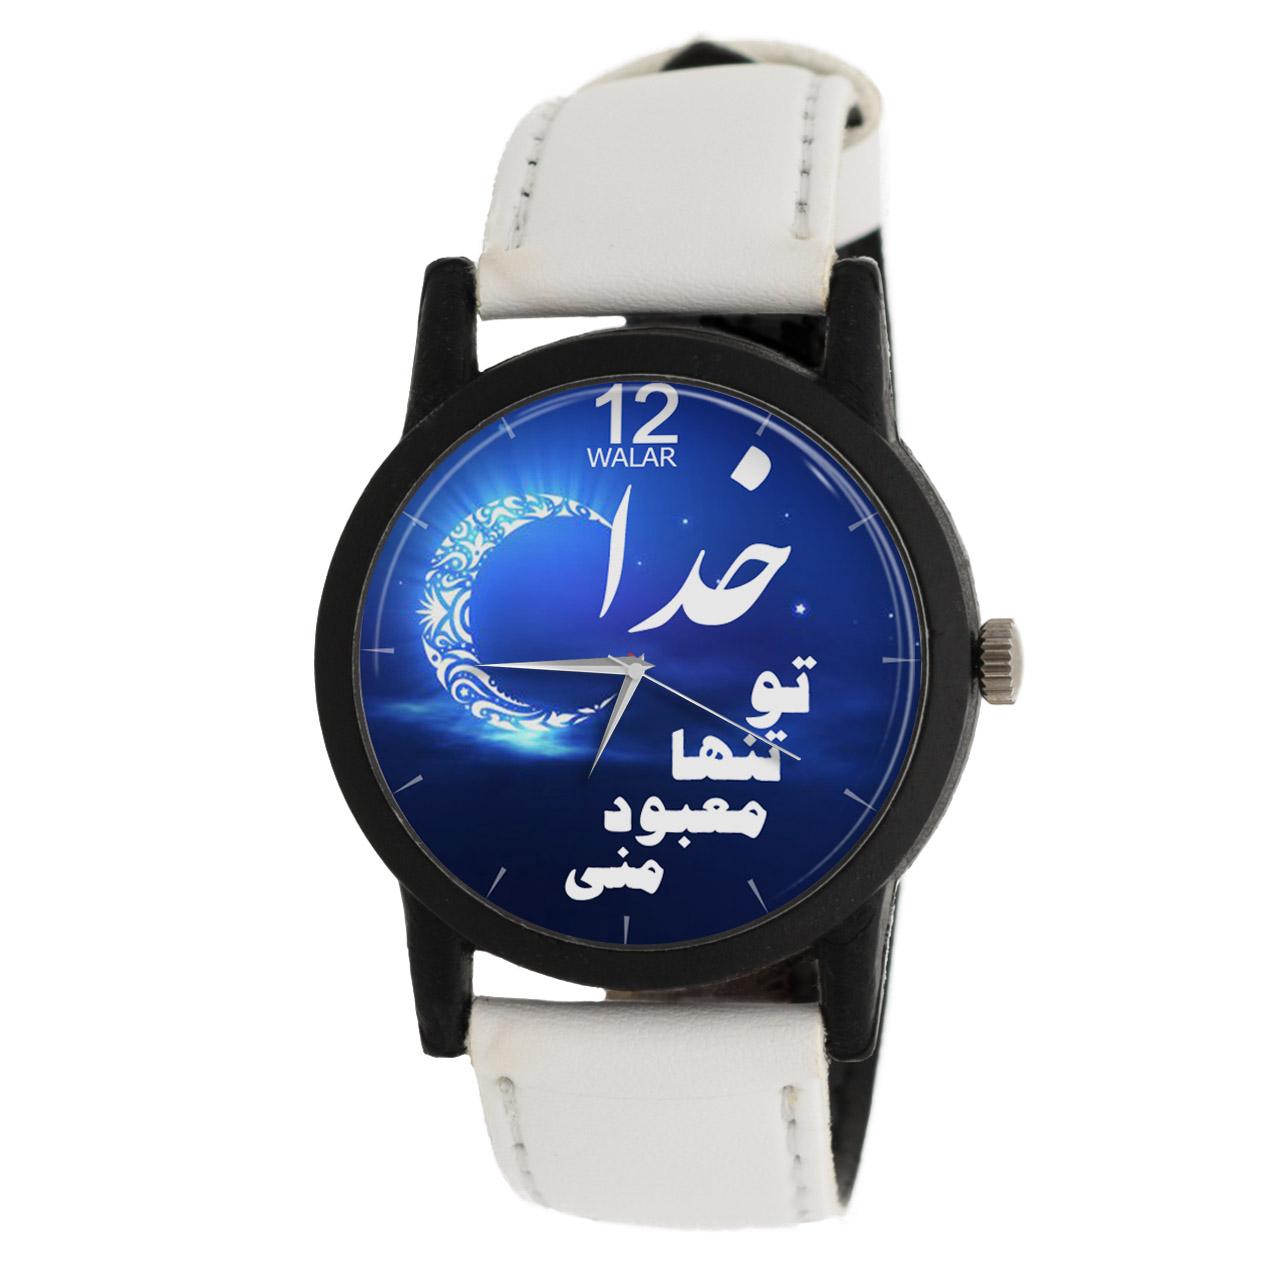 ساعت مچی عقربه ای والار مدل LF1440